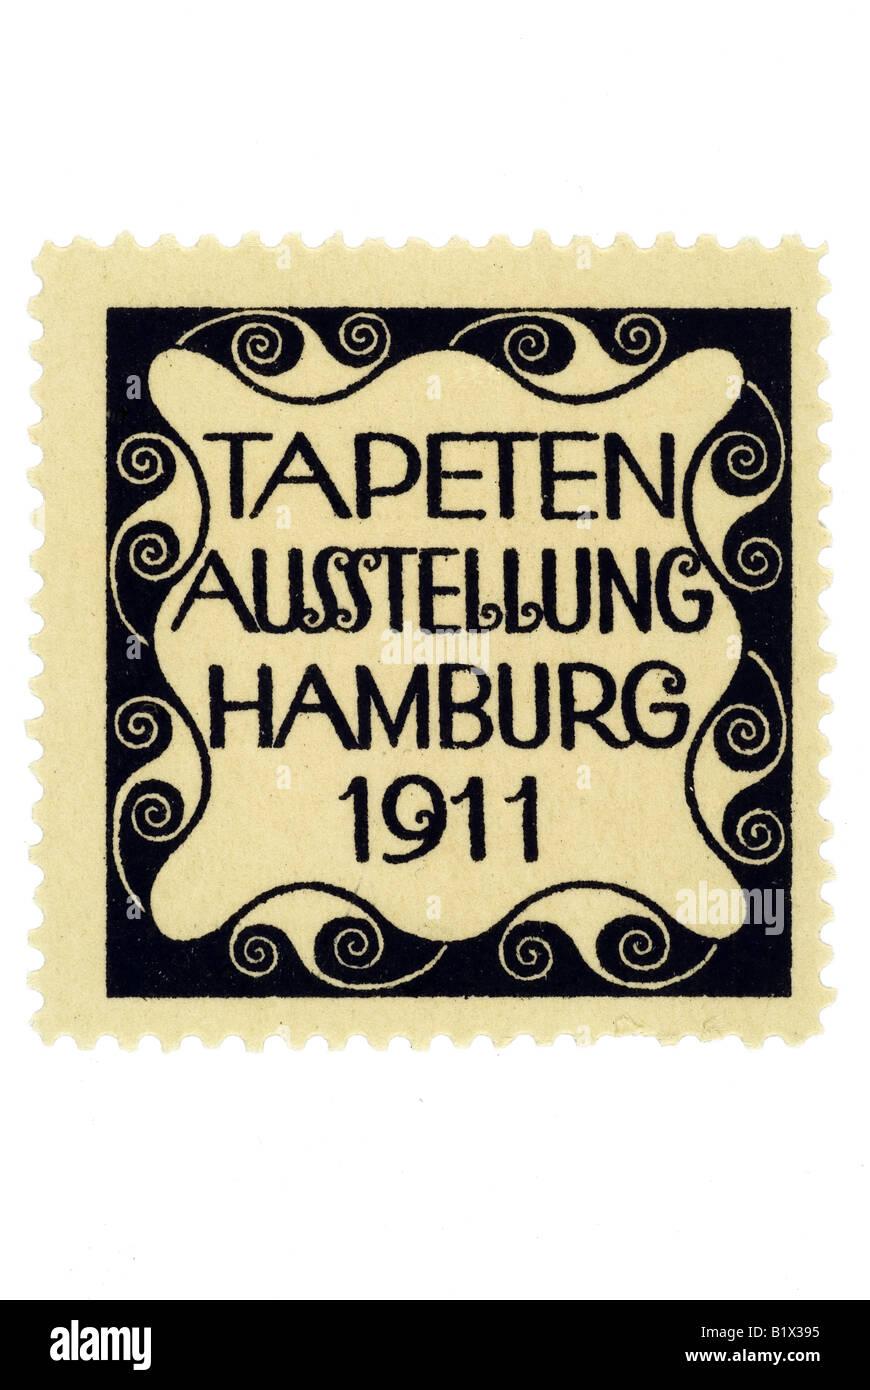 Tapeten-Ausstellung Hamburg 1911 Stockfoto, Bild: 18398385 - Alamy